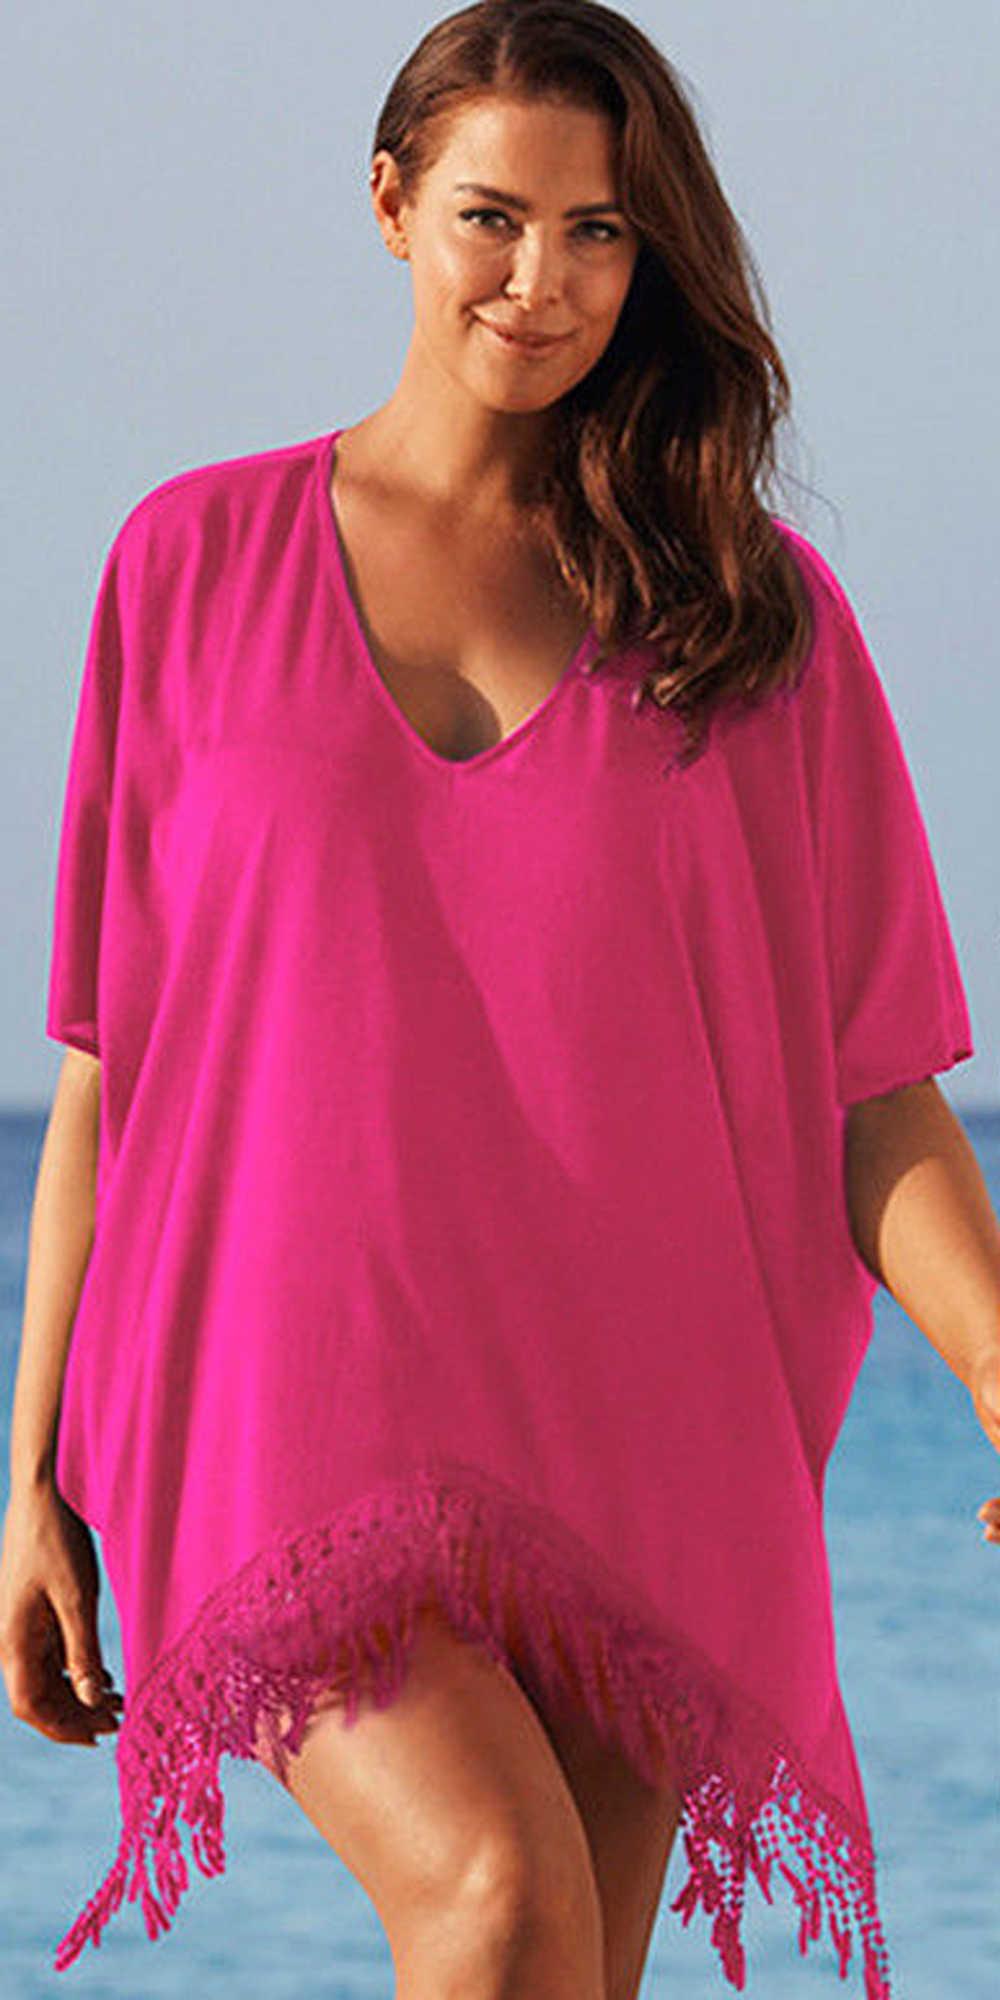 أنيقة تونك فساتين شاطئ حريمي تنورة المرأة حجم كبير السيدات بيكيني شرابة ملابس السباحة التستر فستان الشاطئ vestido playa larg